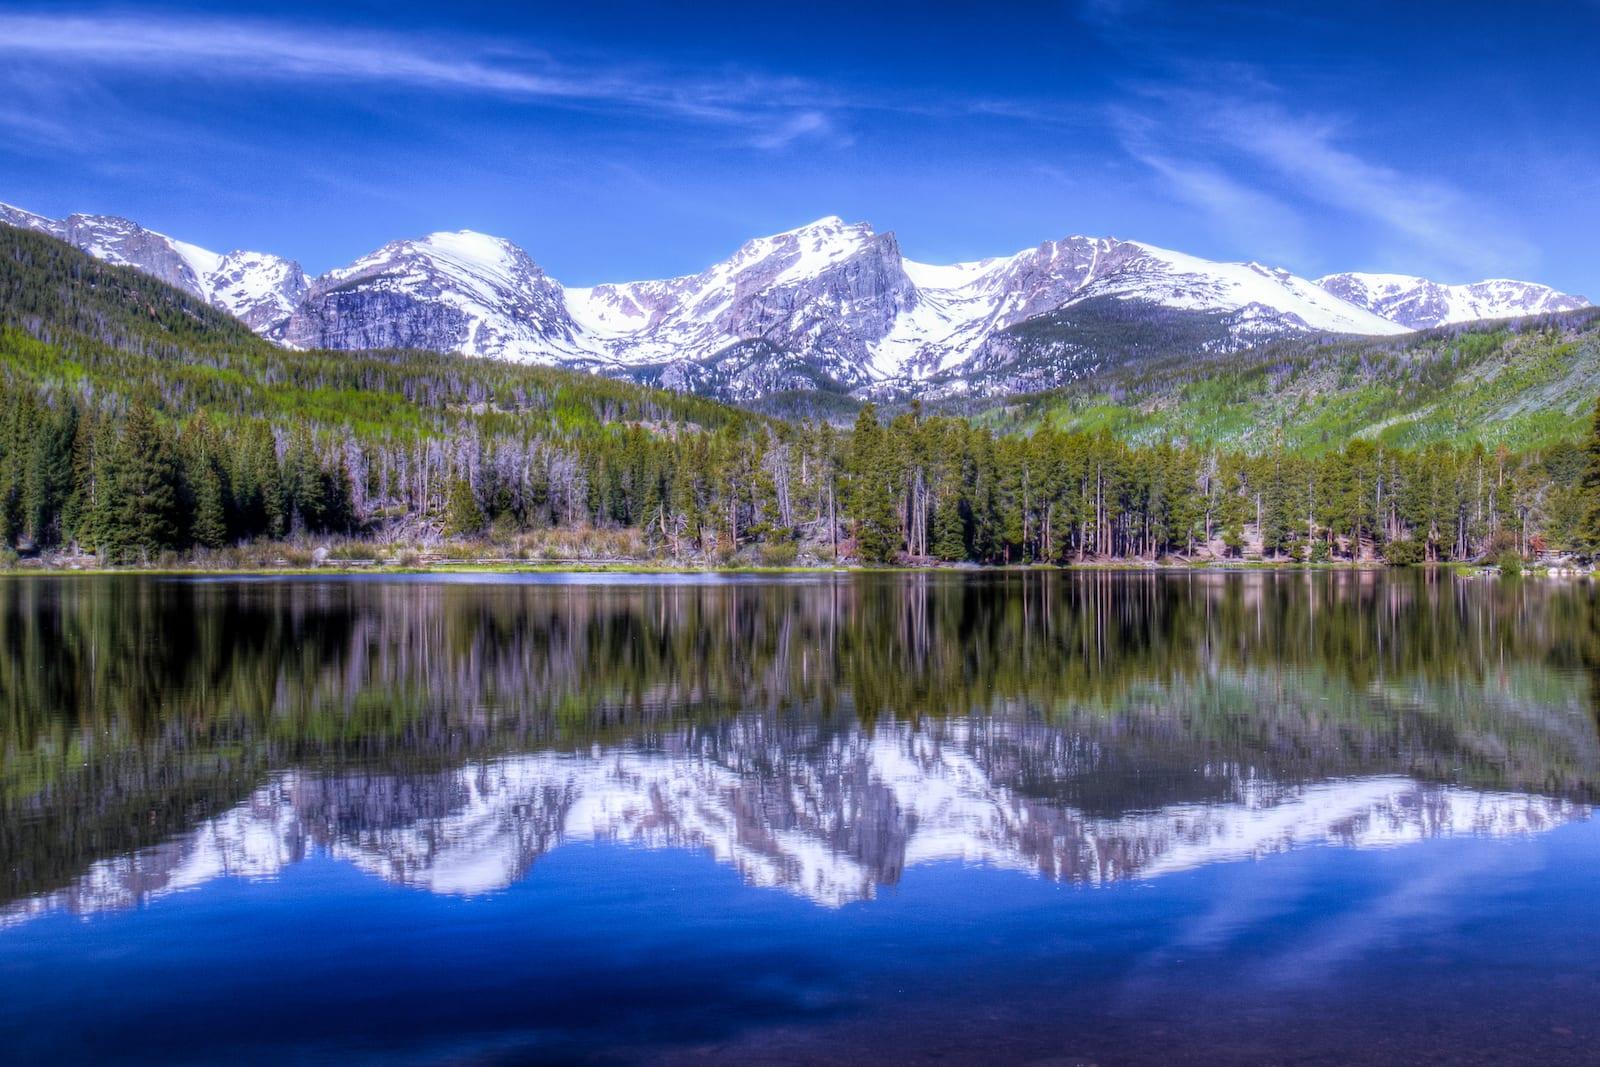 Rocky Mountain Reflection on Sprague Lake